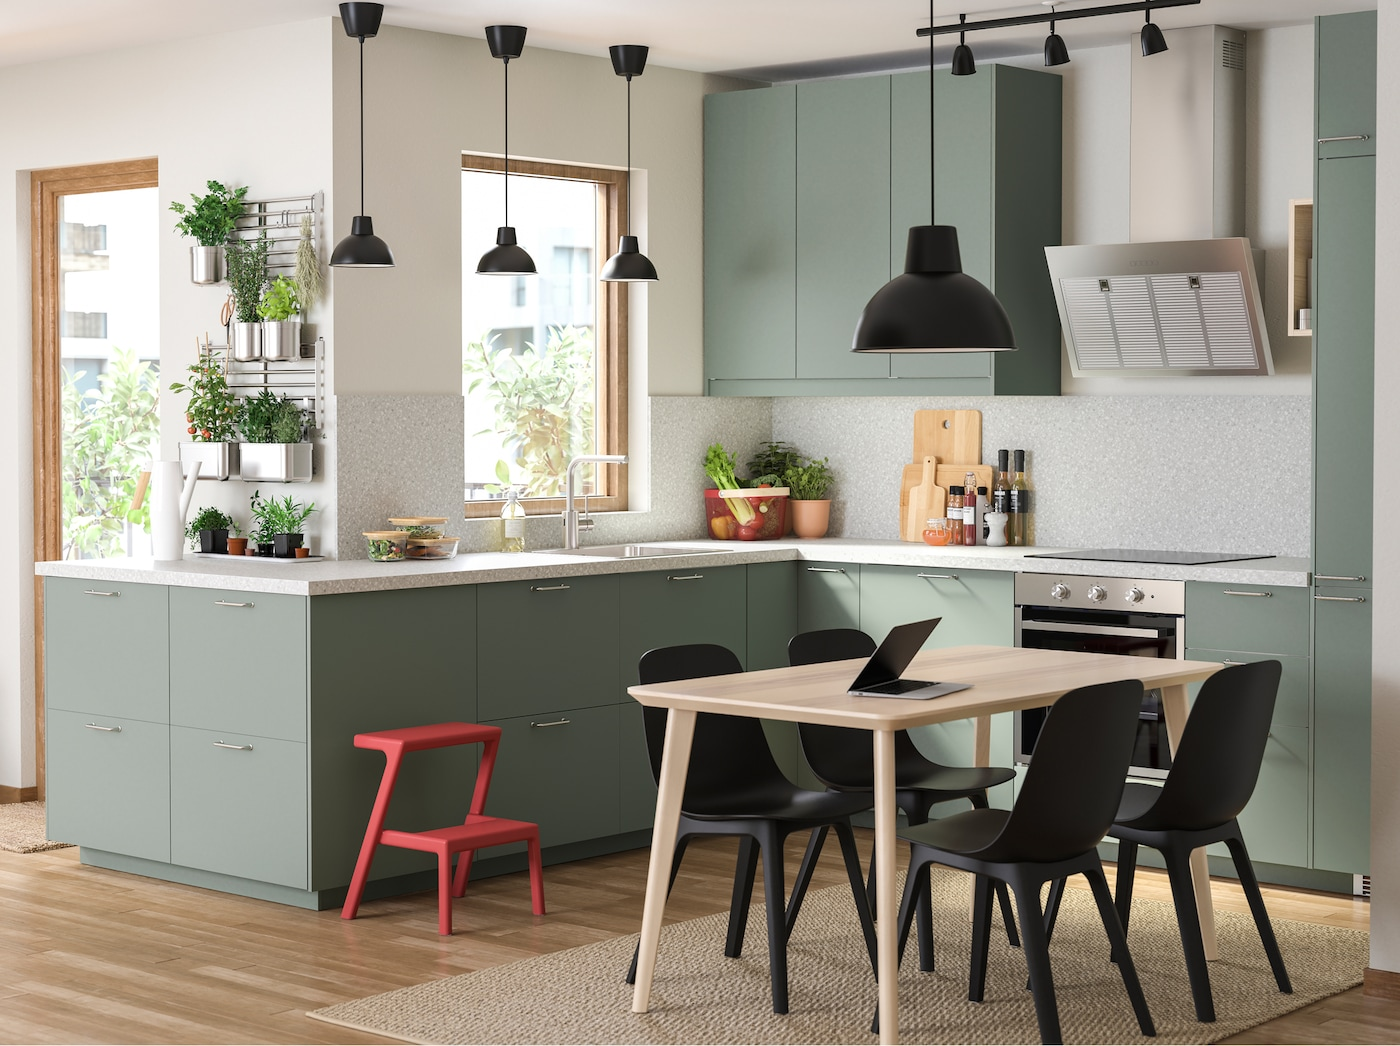 Picture of: Et Gront Og Miljobevidst Kokken Ikea